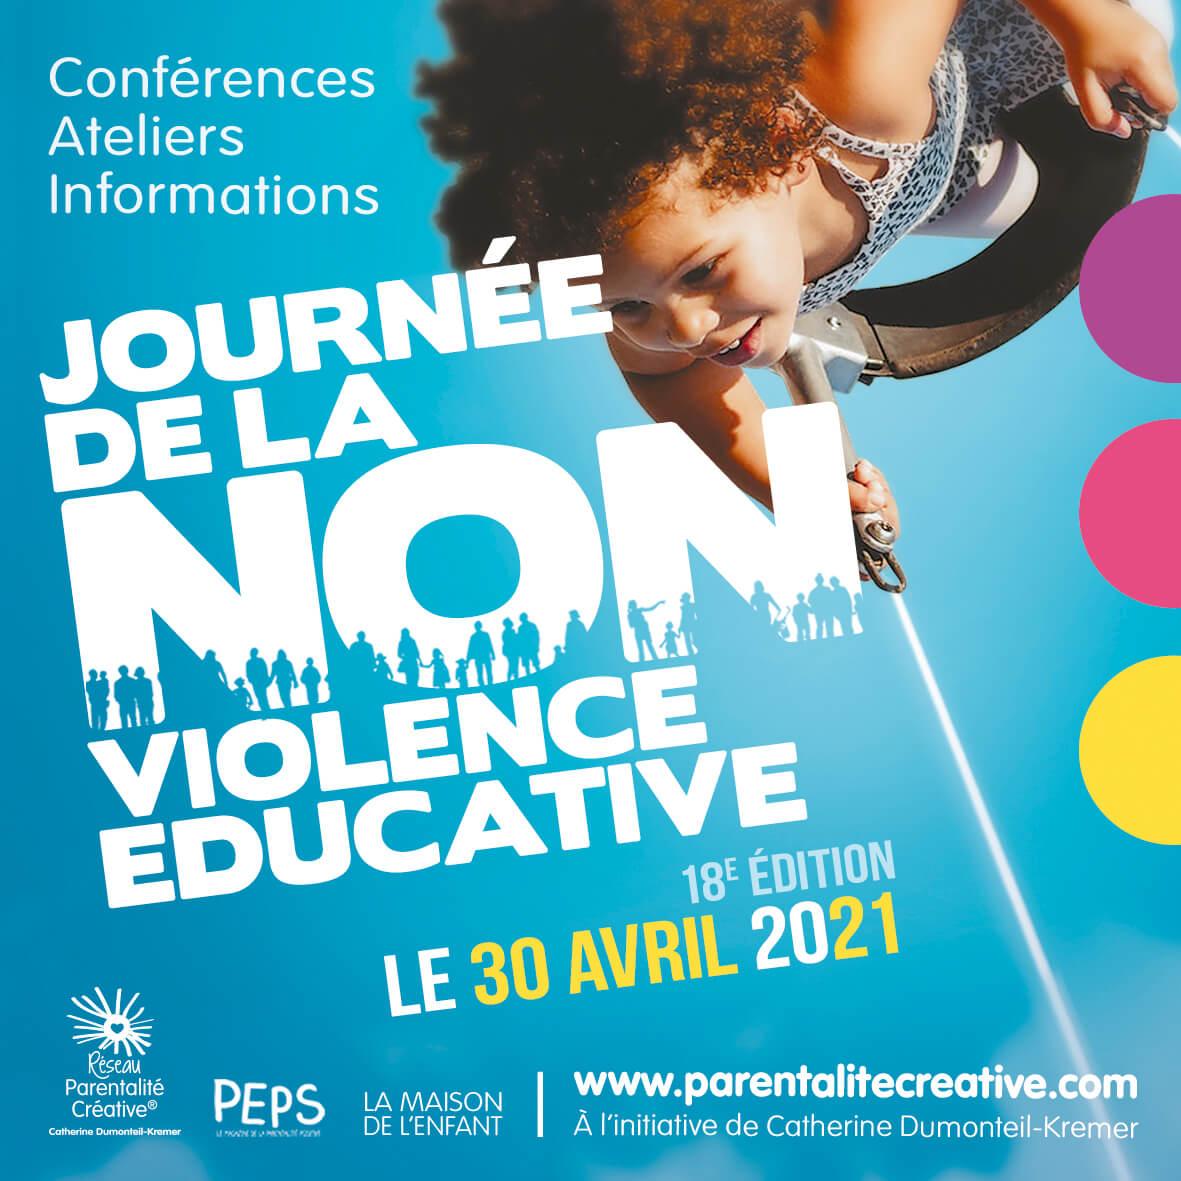 Journée de la non violence éducative - Catherine Dumonteil Kremer